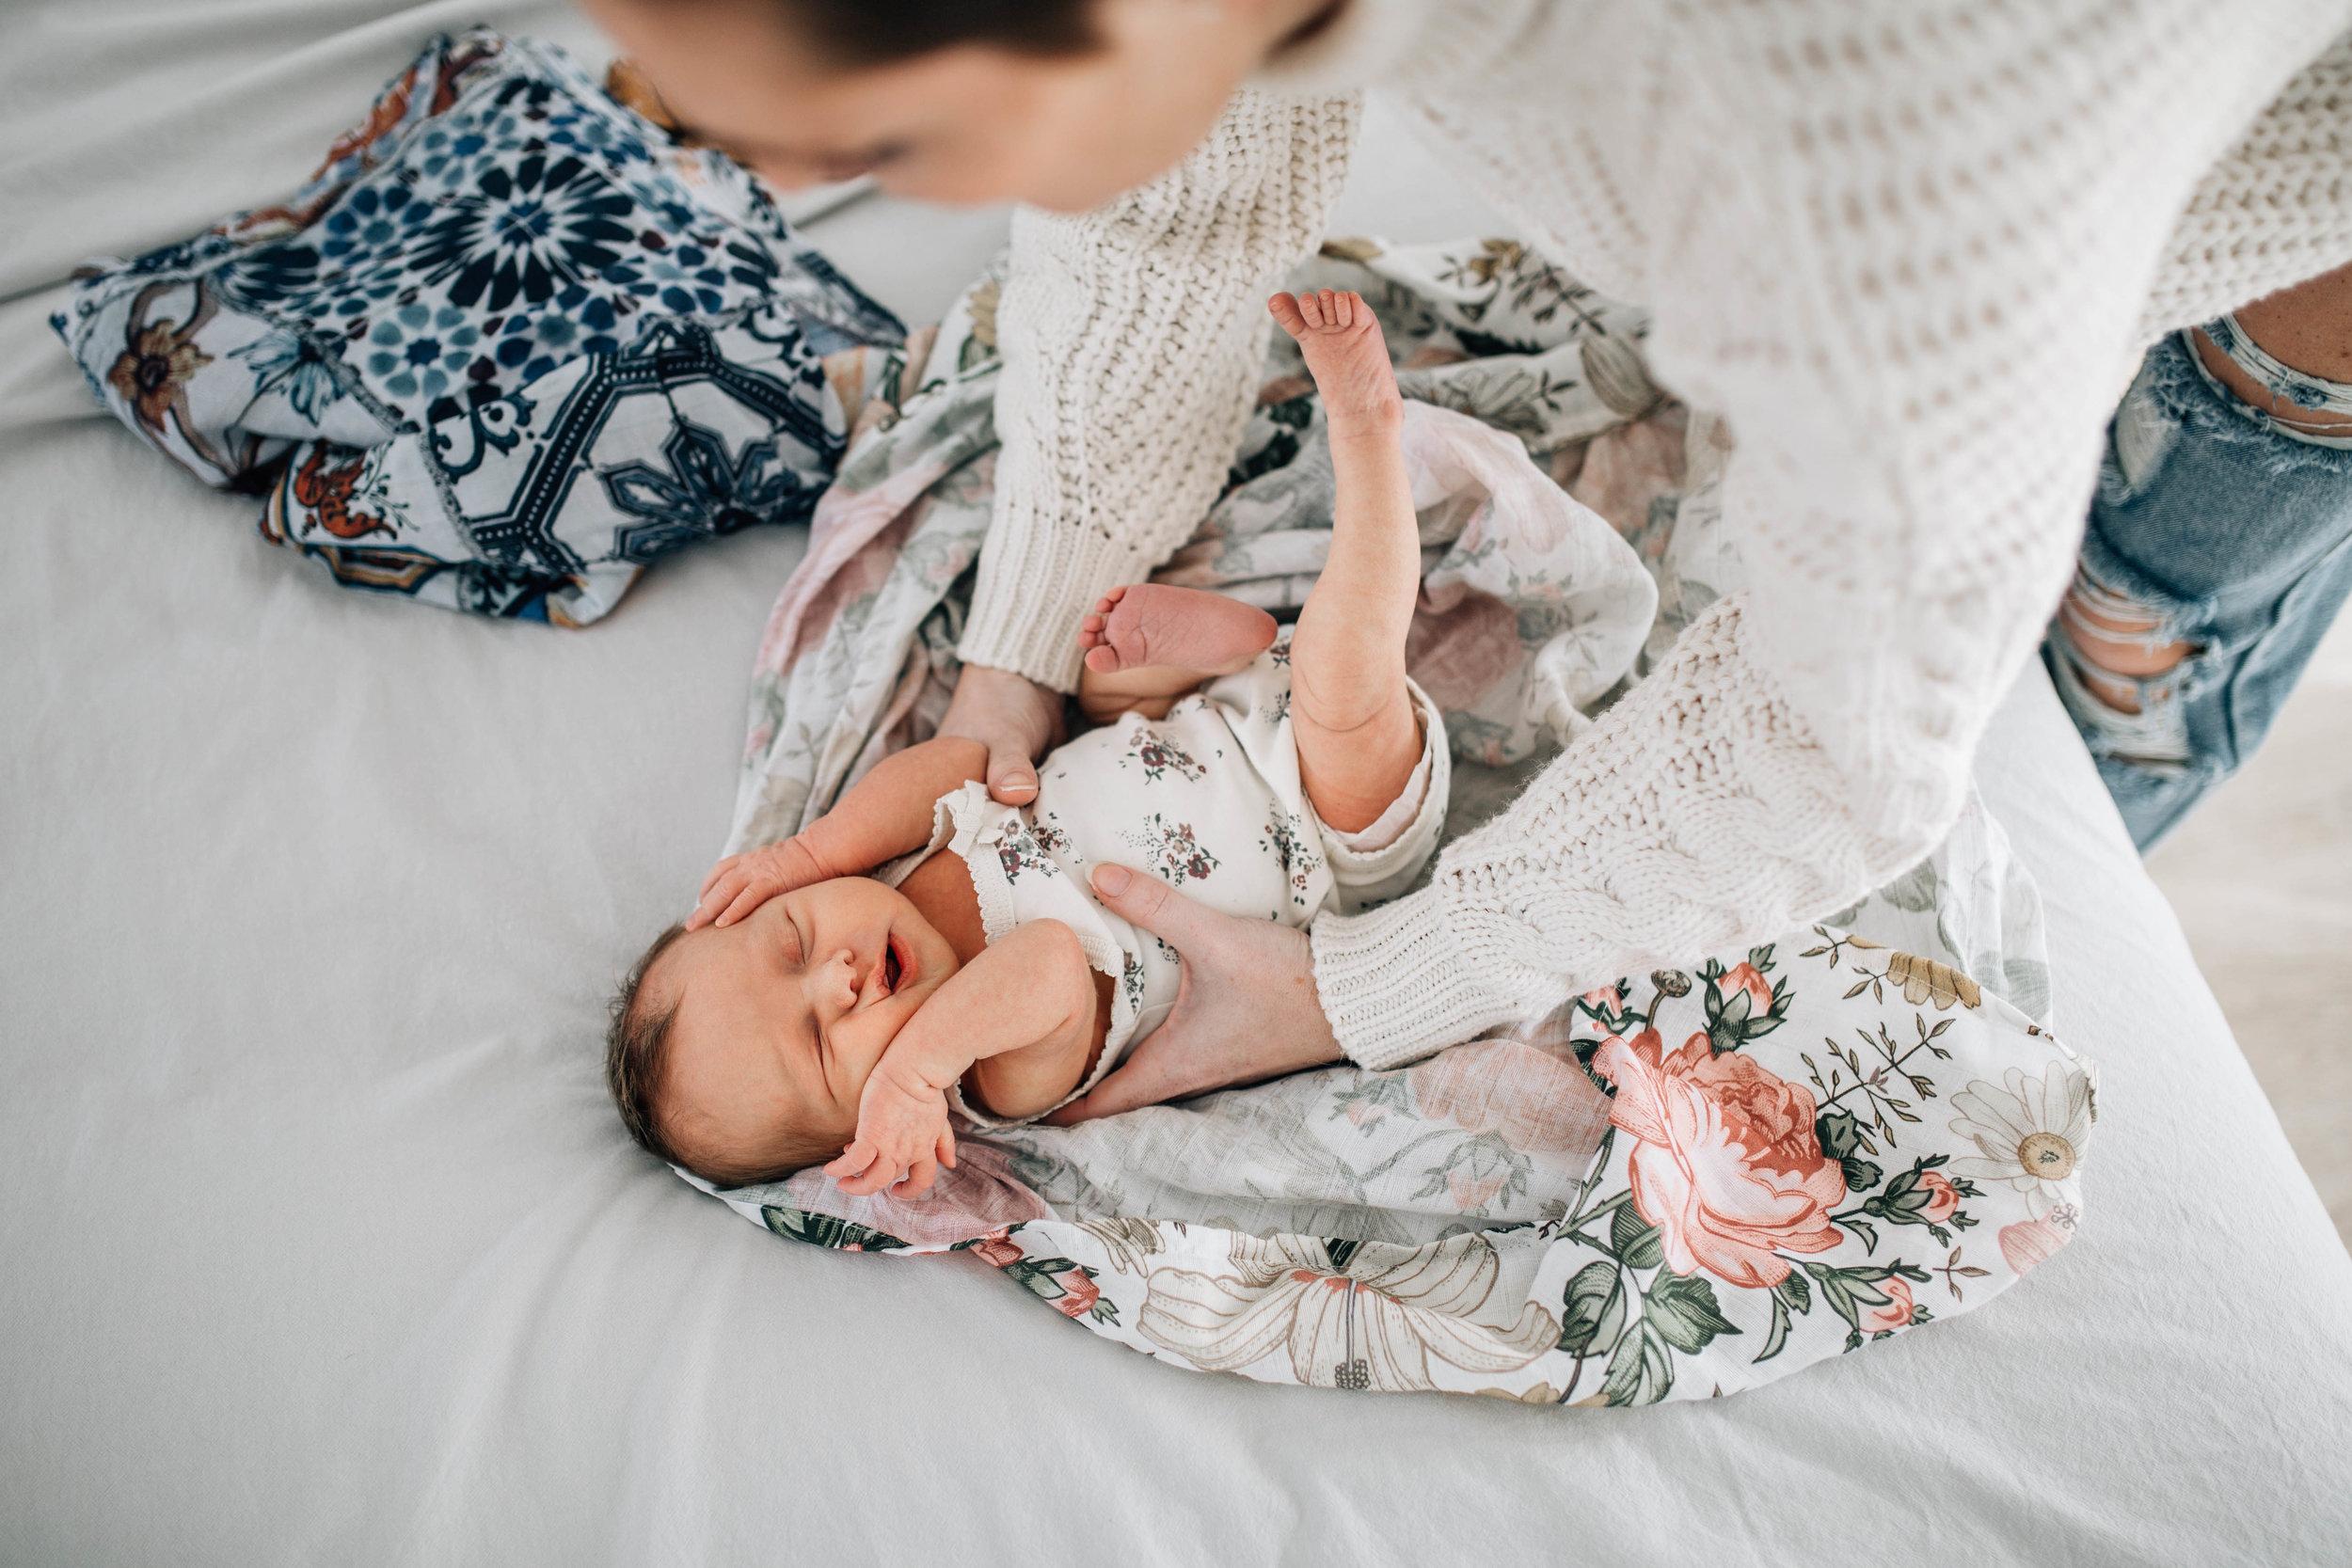 mother-wswaddling-infant.jpg